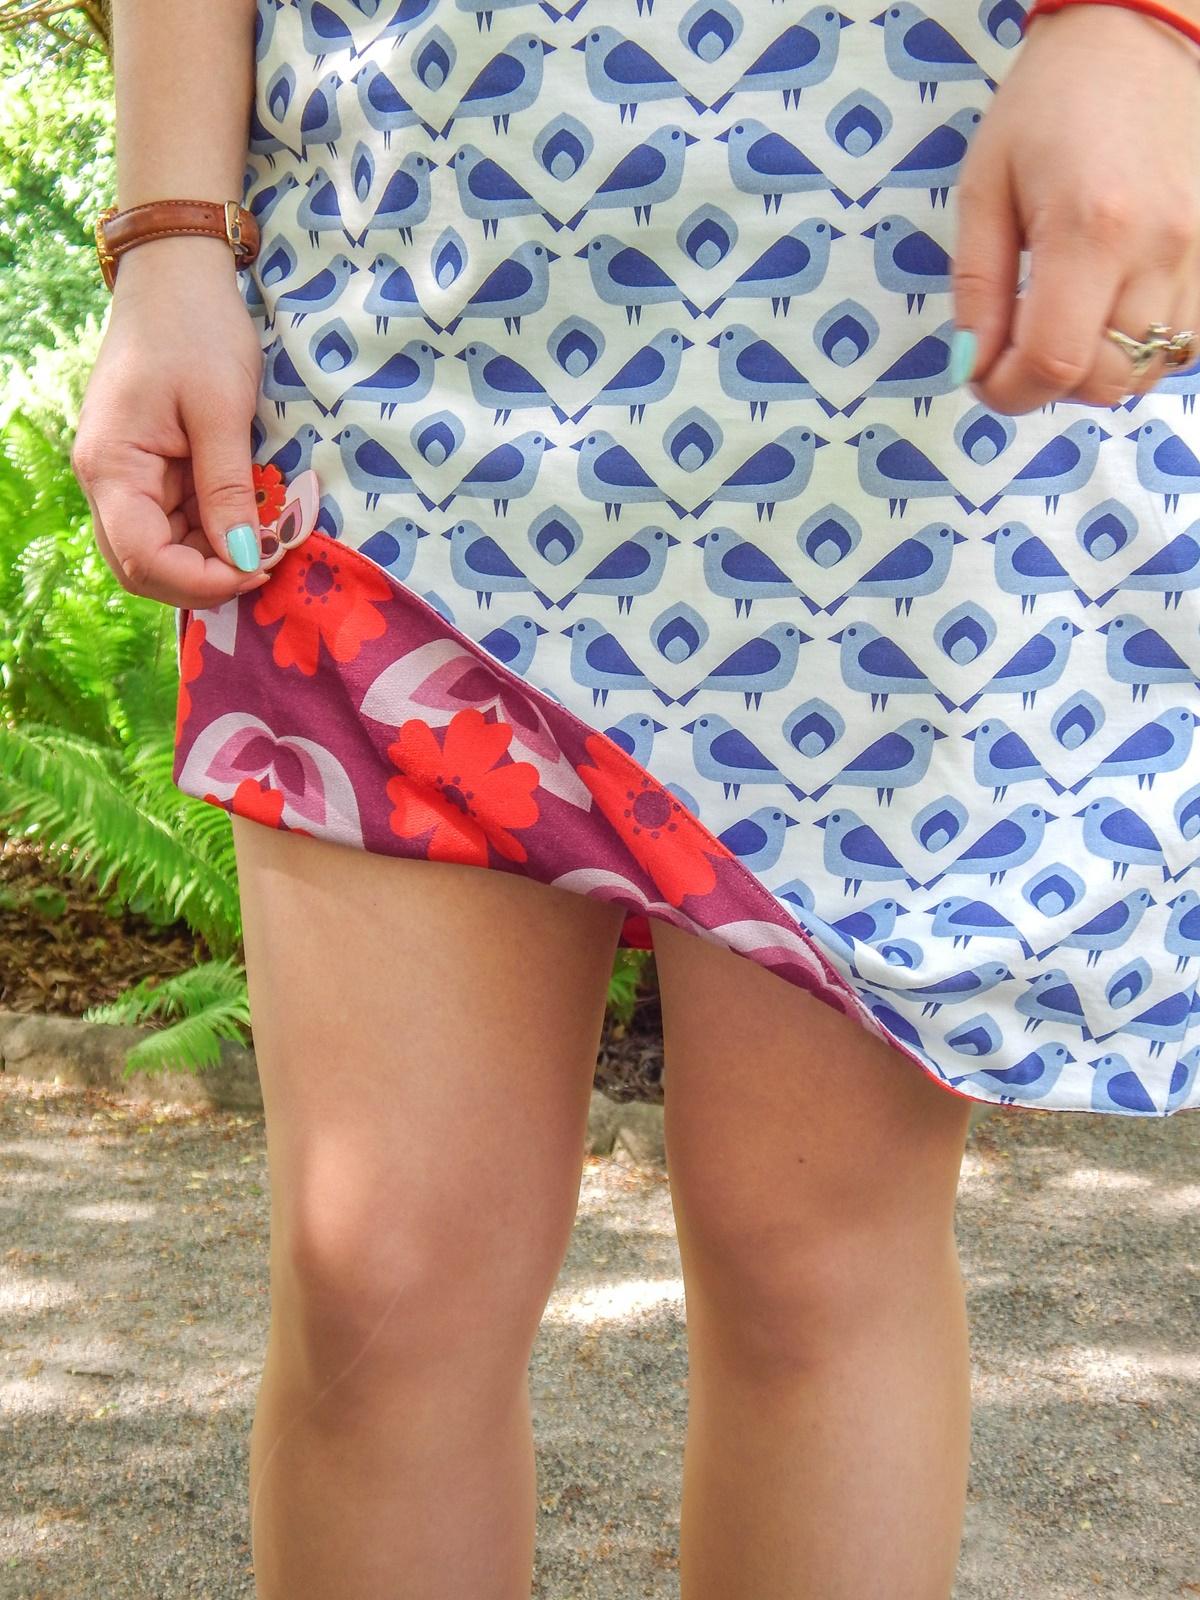 7 samodobro dwukroopek dwustronna sukienka dla mamy prezent na dzień matki drewniana biżuteria wróbel i dzika róża metka z opowiadaniem ciekawe mlode polskie marki odzieżowe moda lifestyle łódź